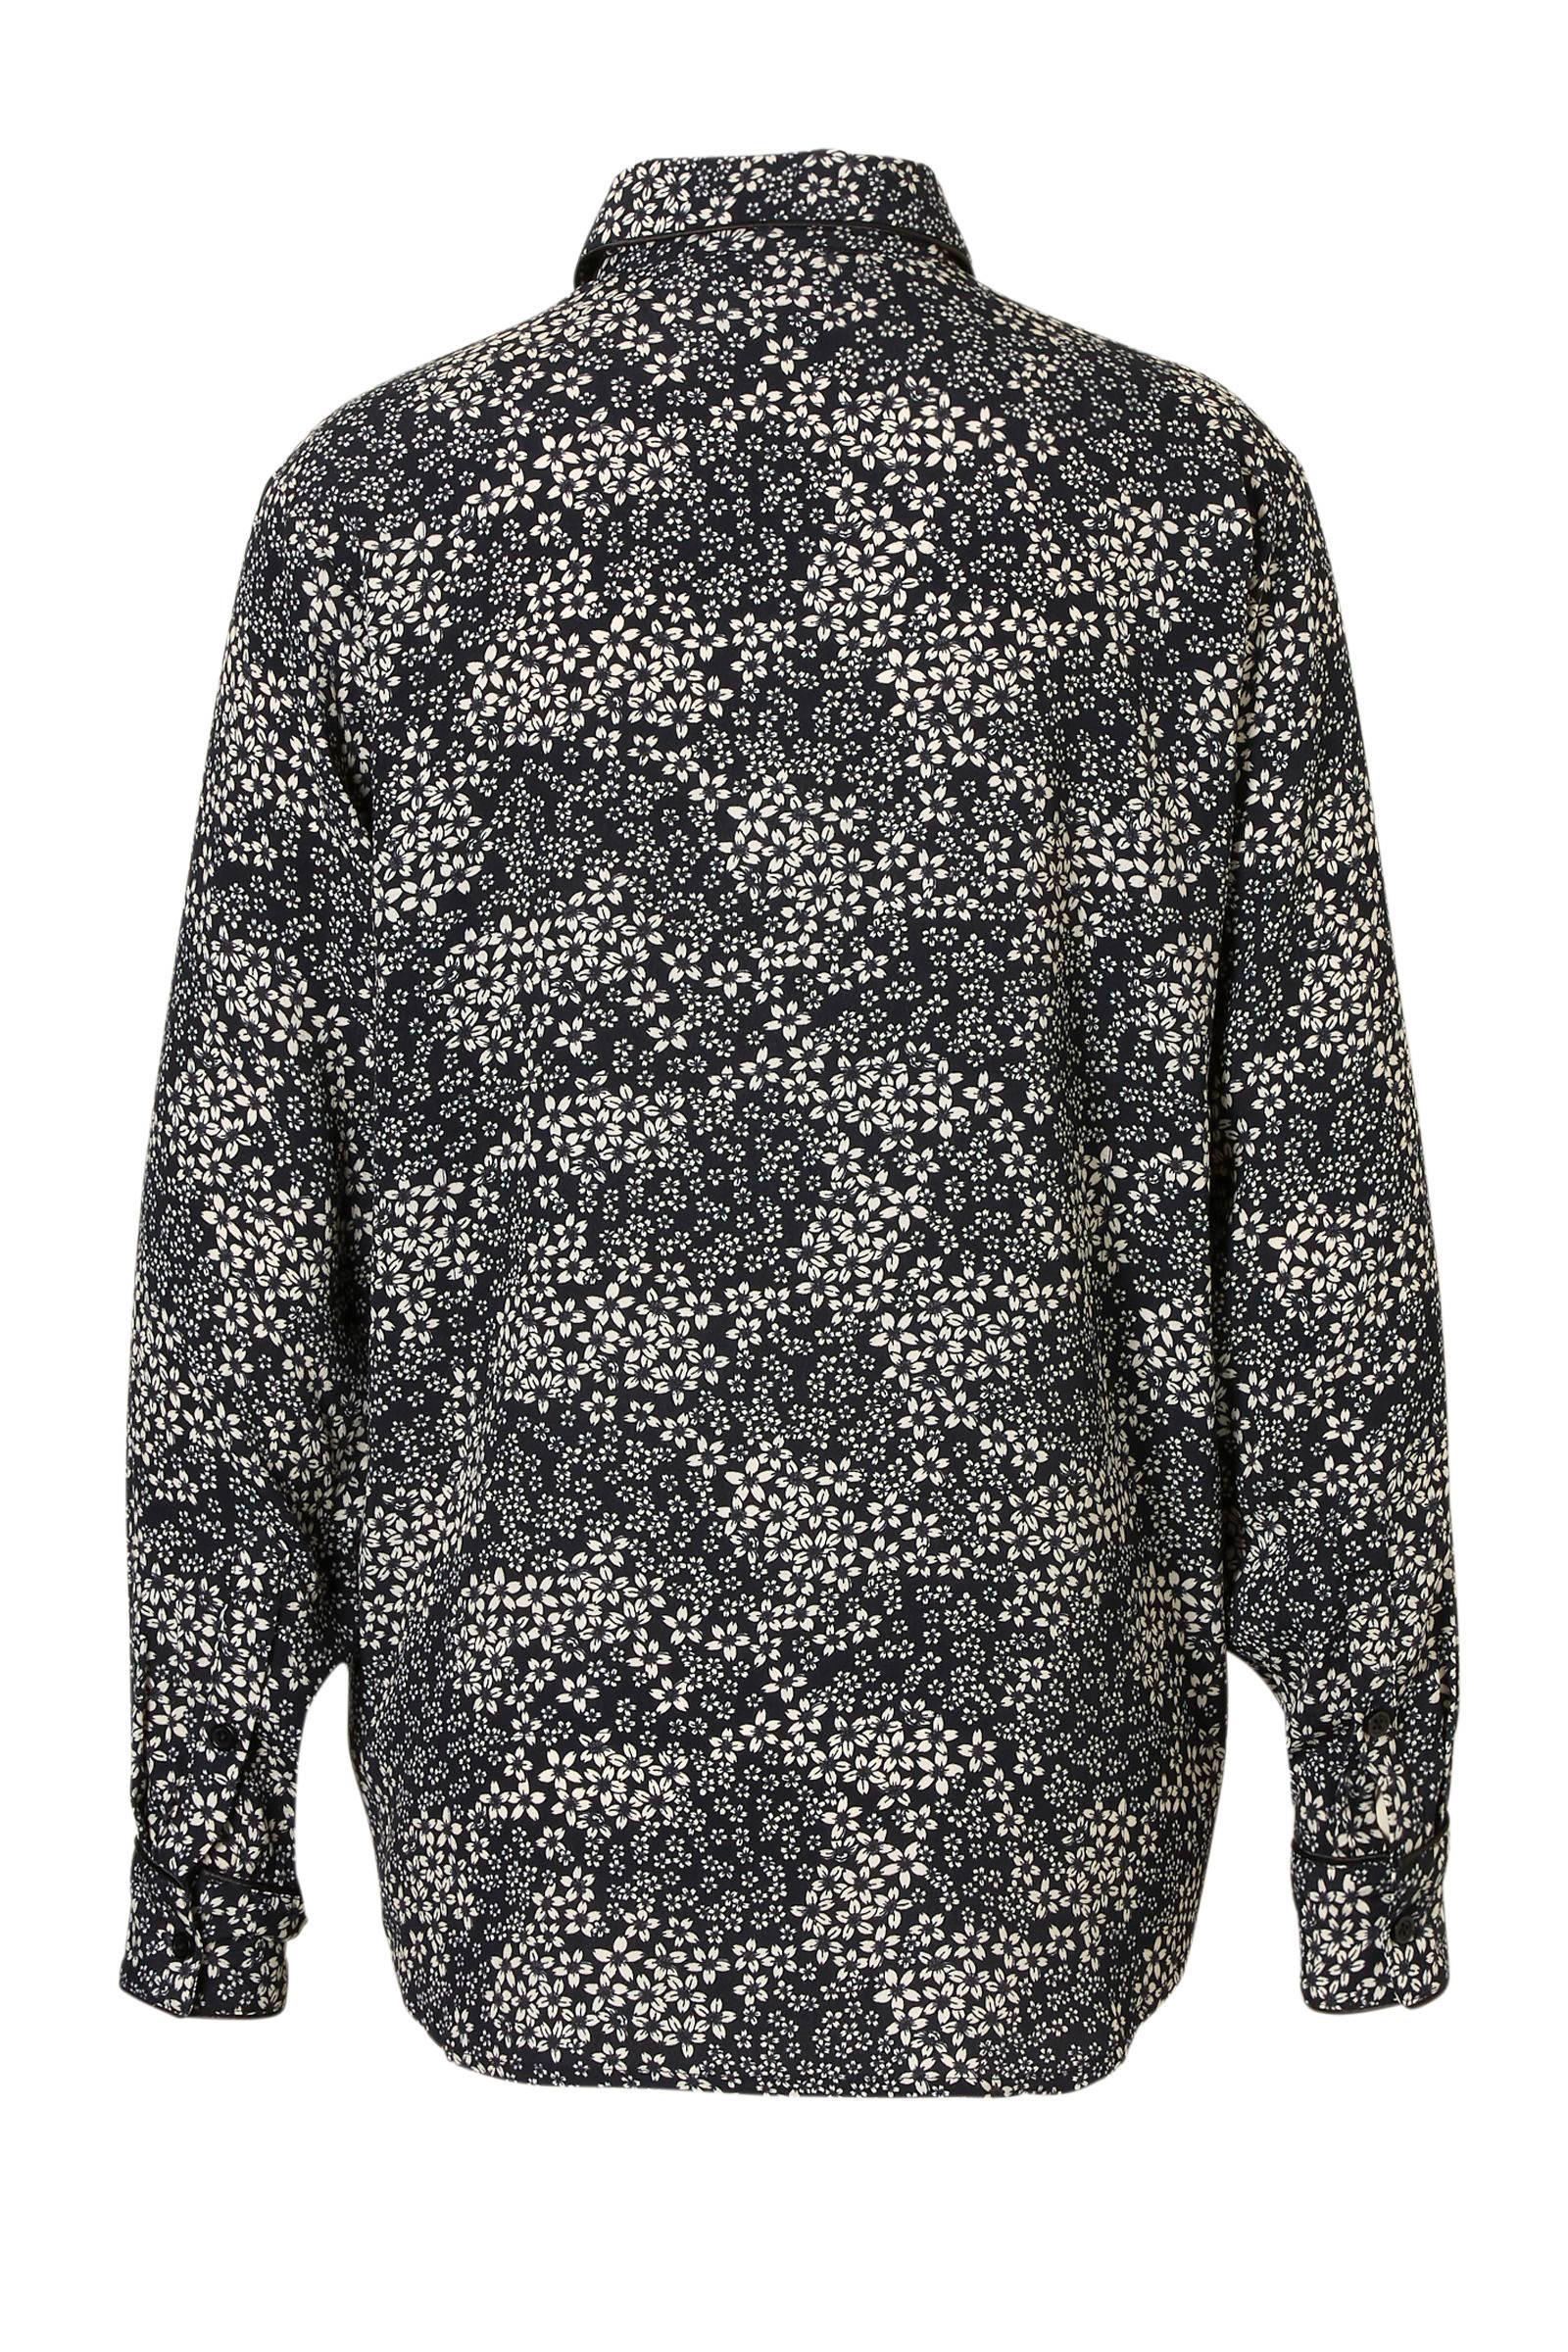 blouse zwart gebloemde Junkie Catwalk gebloemde Catwalk Junkie Fqwpa4F